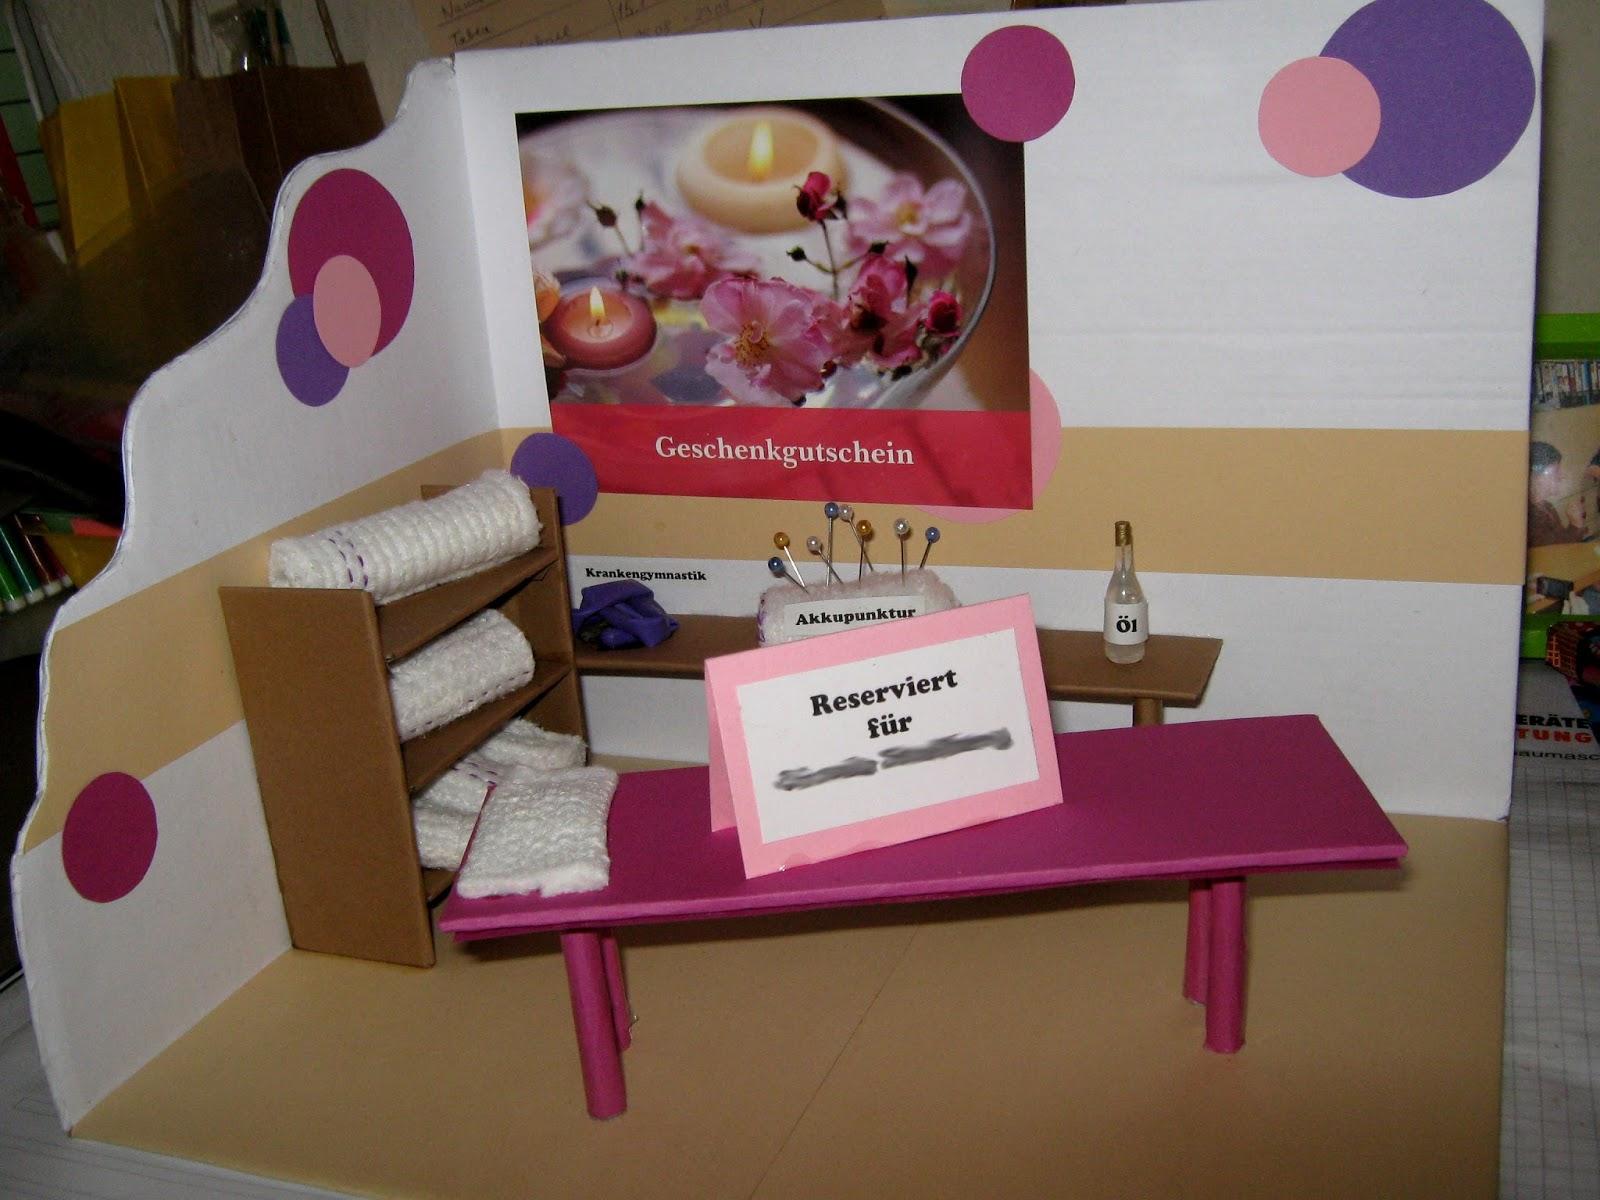 herzlich willkommen beim papierfr ulein massagegutschein. Black Bedroom Furniture Sets. Home Design Ideas